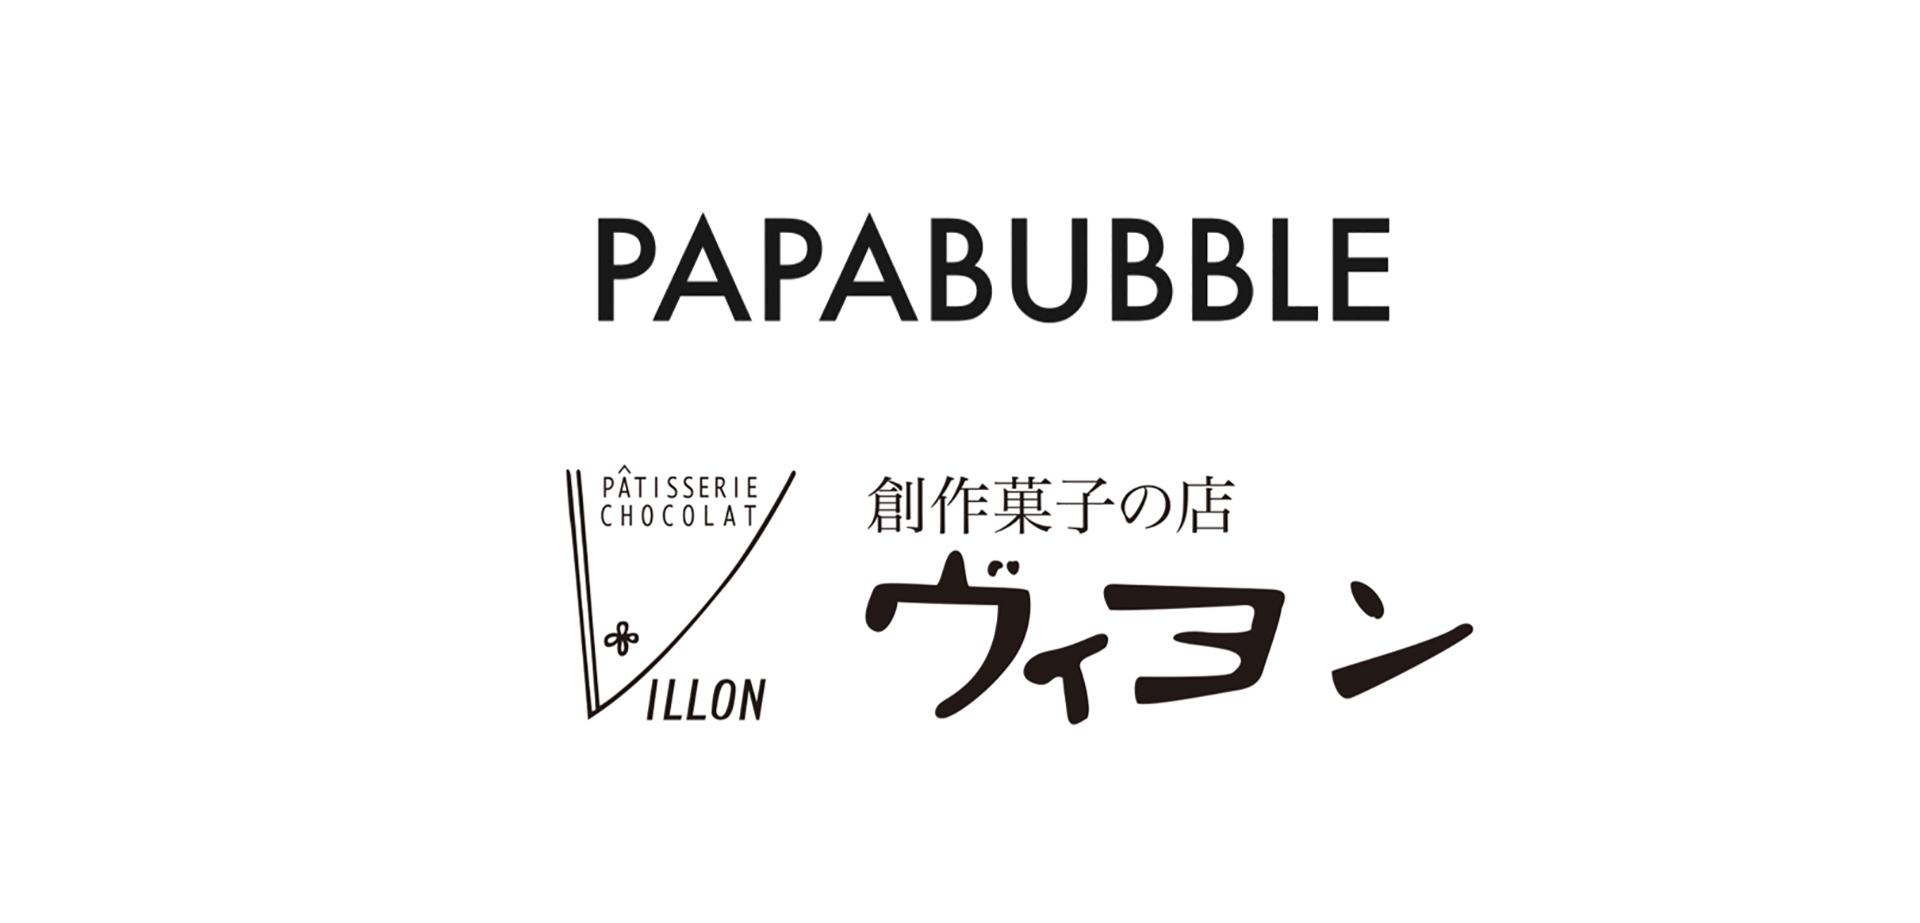 アートキャンディ「パパブブレ」、バウムクーヘン「ヴィヨン」がマルイファミリー溝口に期間限定オープン